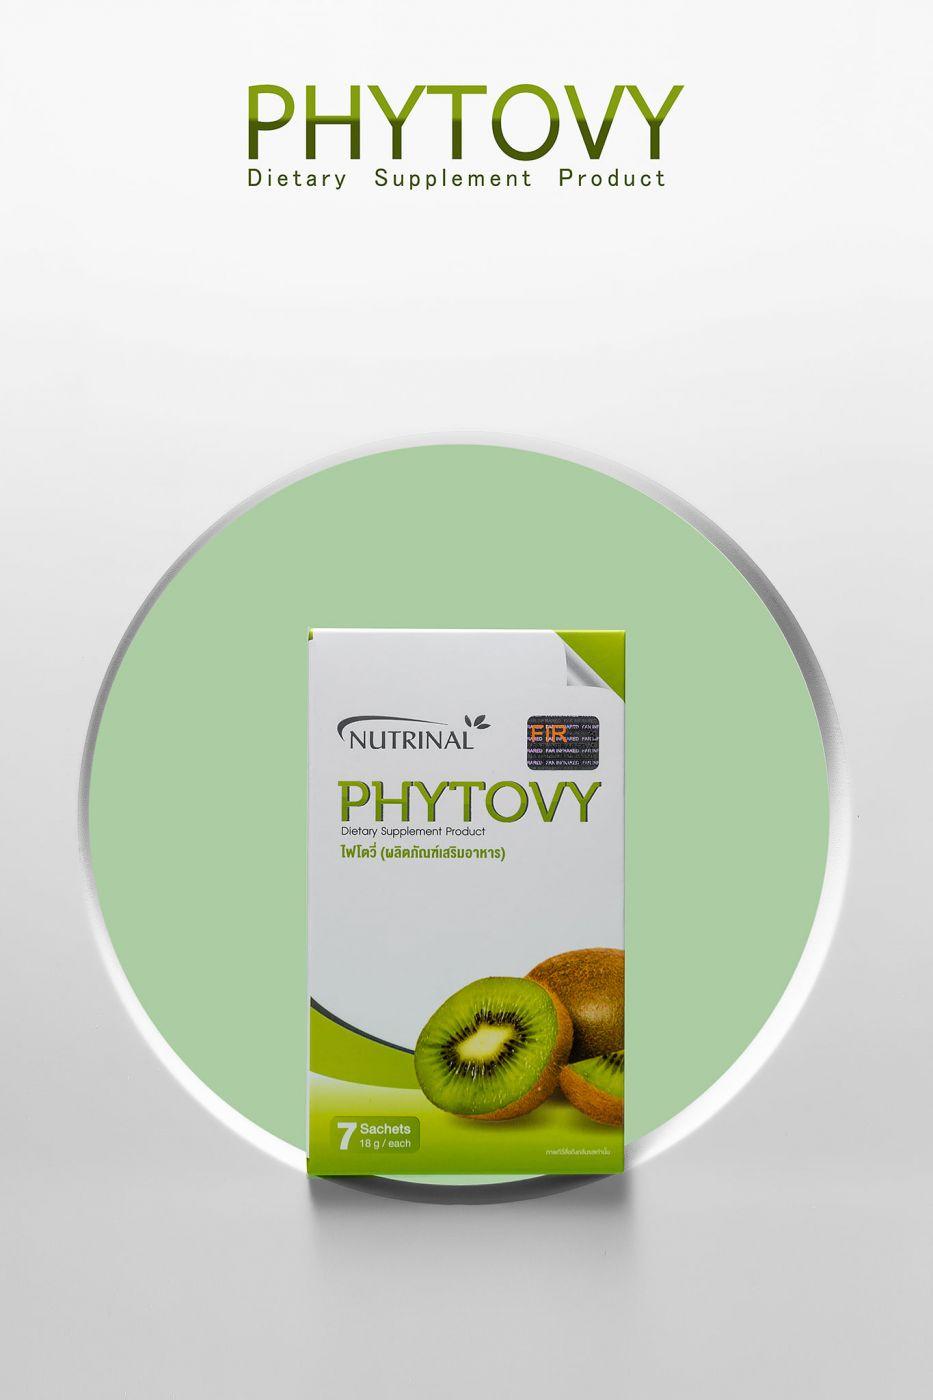 ซัคเซสมอร์ ส่ง Phytovy Happy Detox ขนาดใหม่ รุกหนักตลาดดีท็อกซ์ ต่อยอดความสำเร็จในปีที่ 9